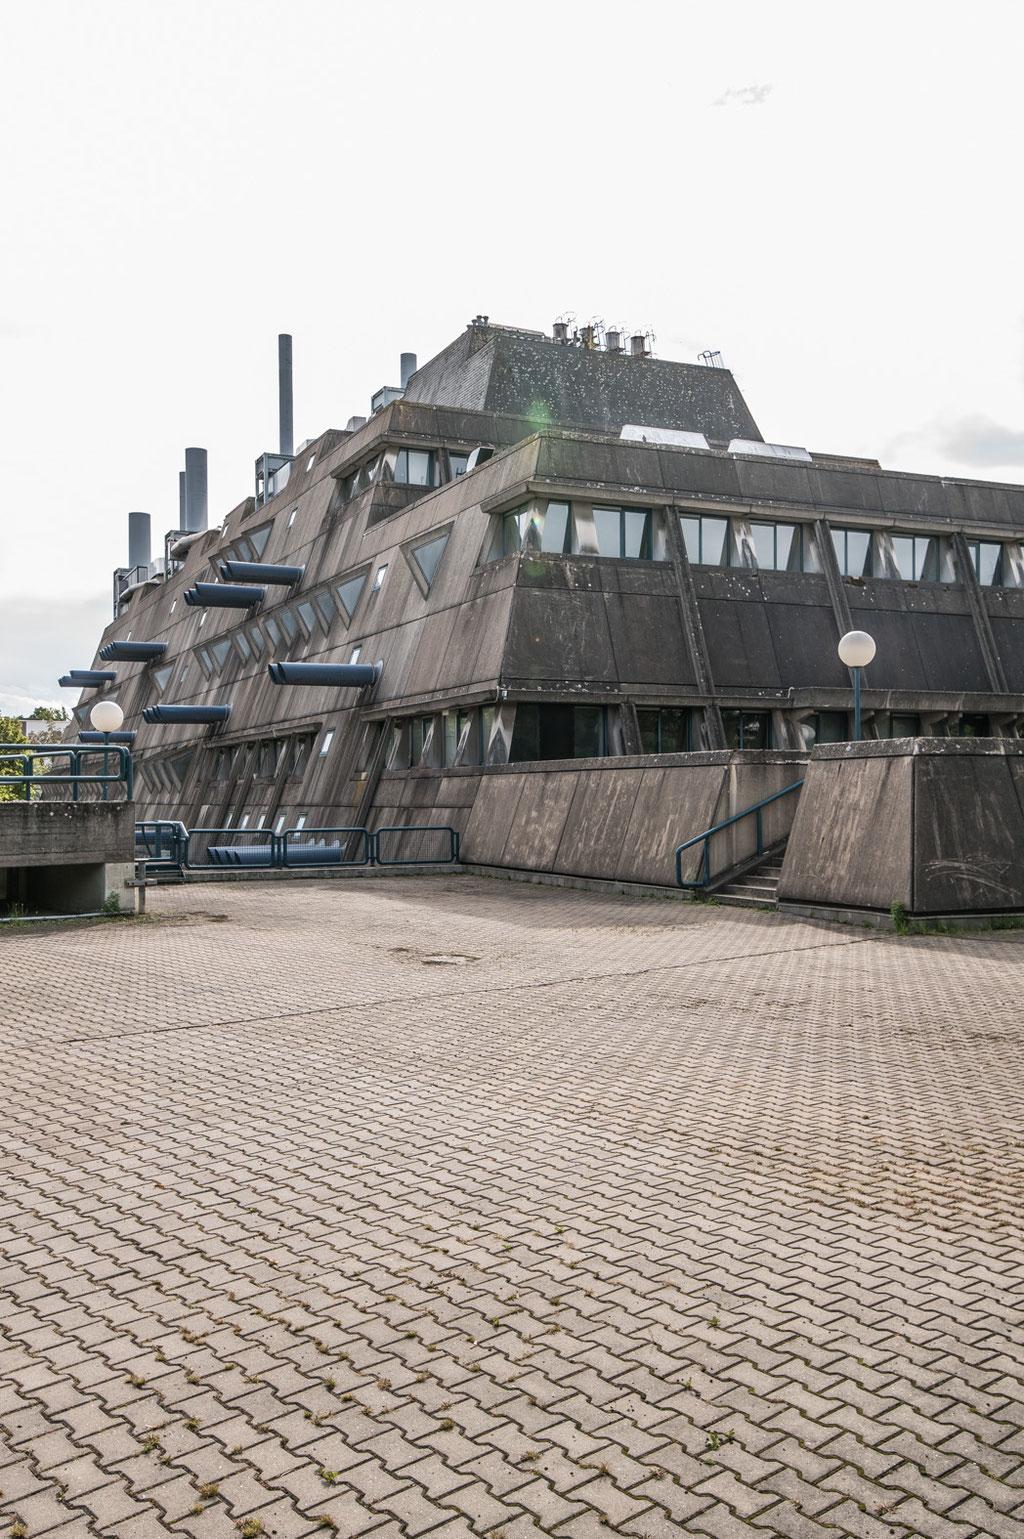 """""""Mäusebunker"""", ehem. Tierlabor der / former Animal lab of Charité (Gerd & Magdalena Hänska), abrissgefährdet/threat of demolition, Berlin-Steglitz (D)"""